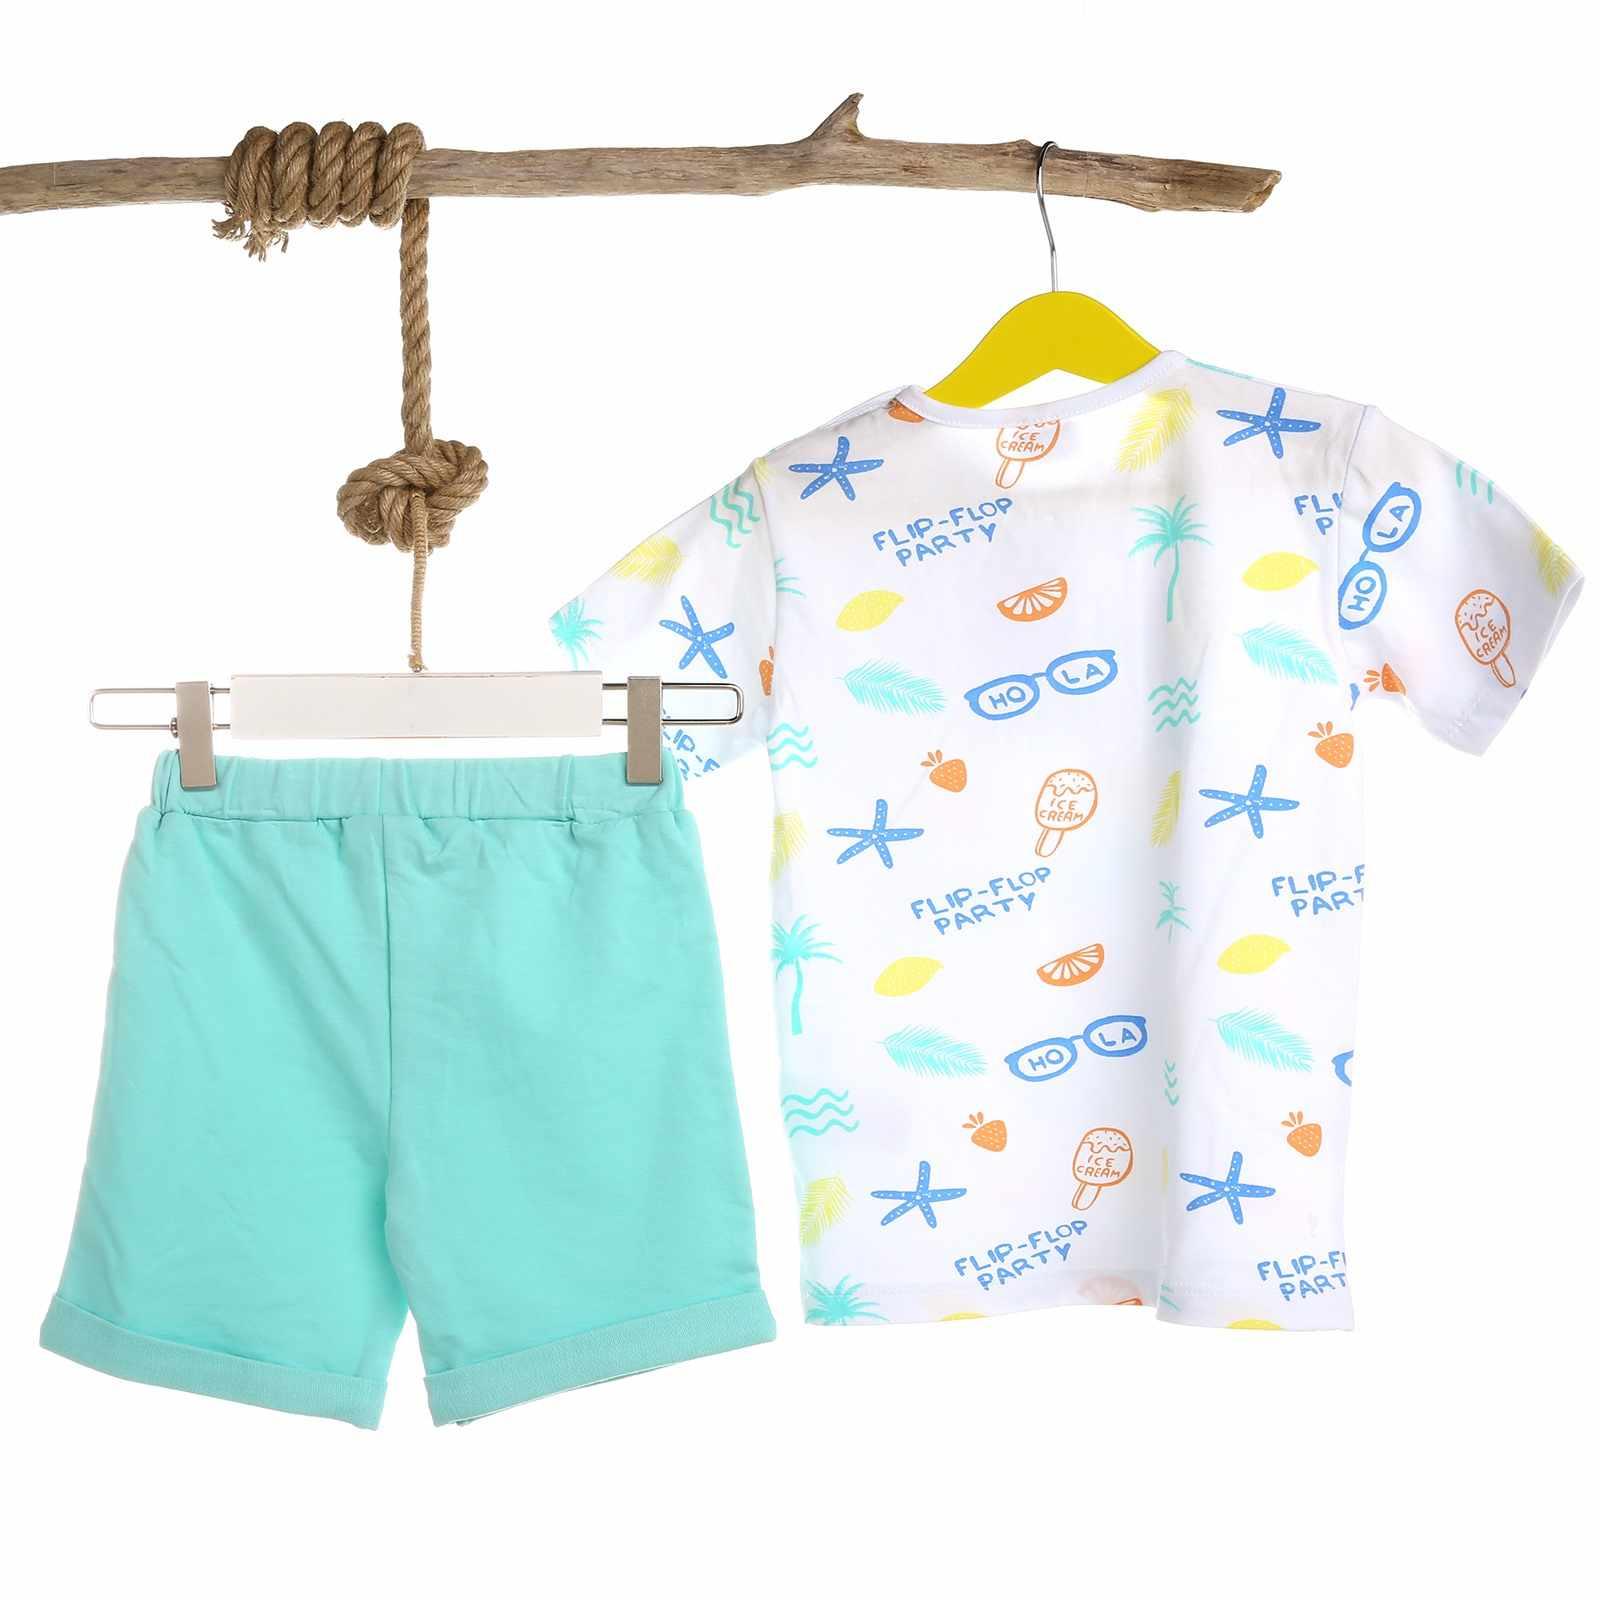 Ebebek Luggi เด็กทารกสับปะรด Tshirt สั้น